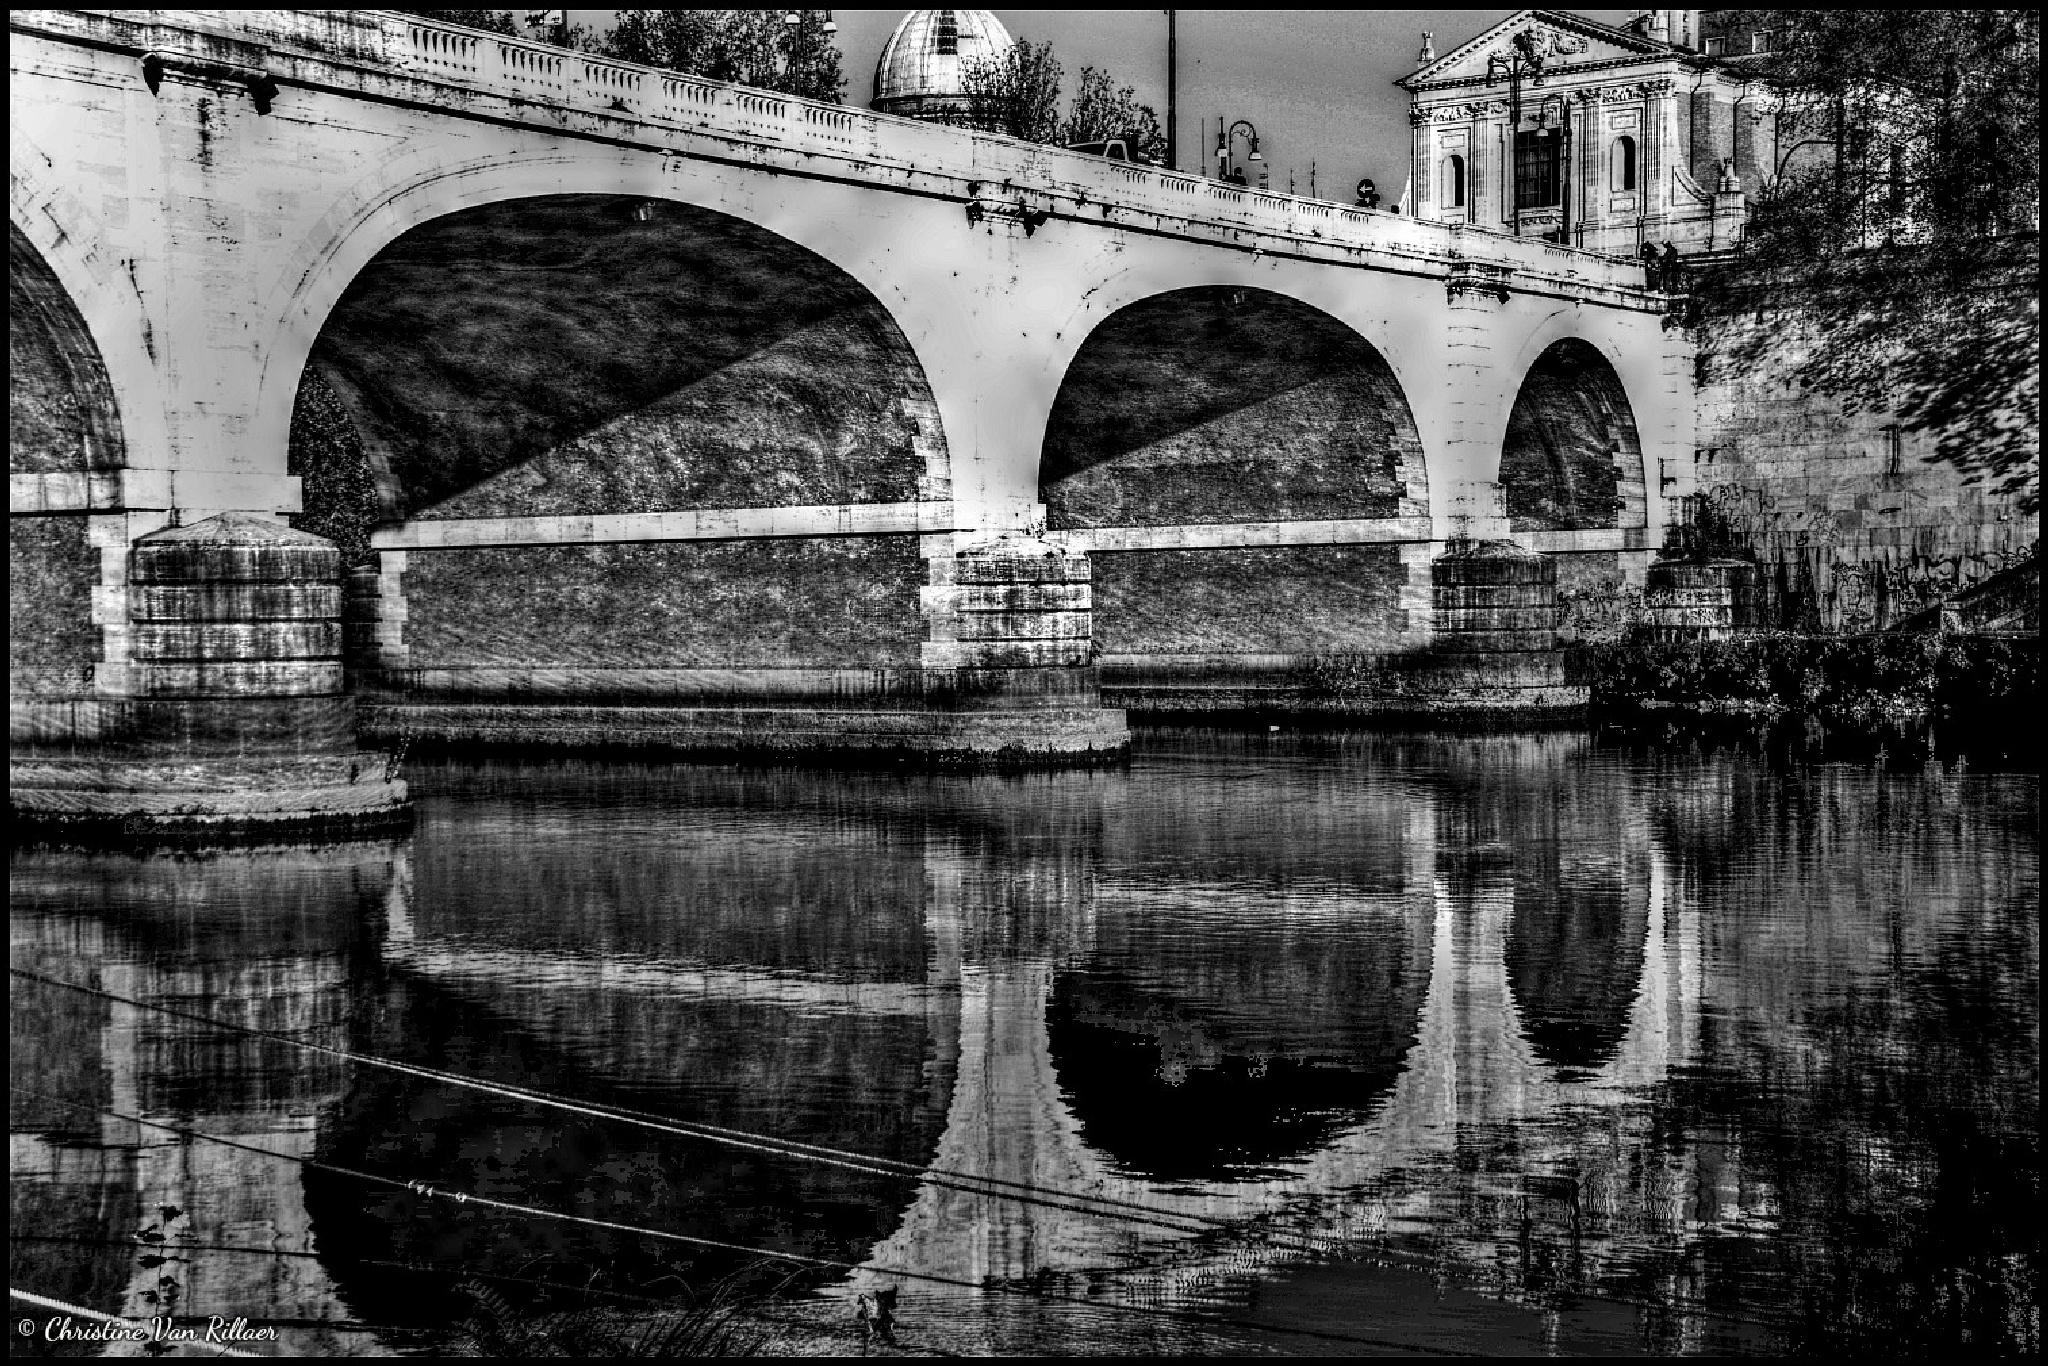 Roma by Chris